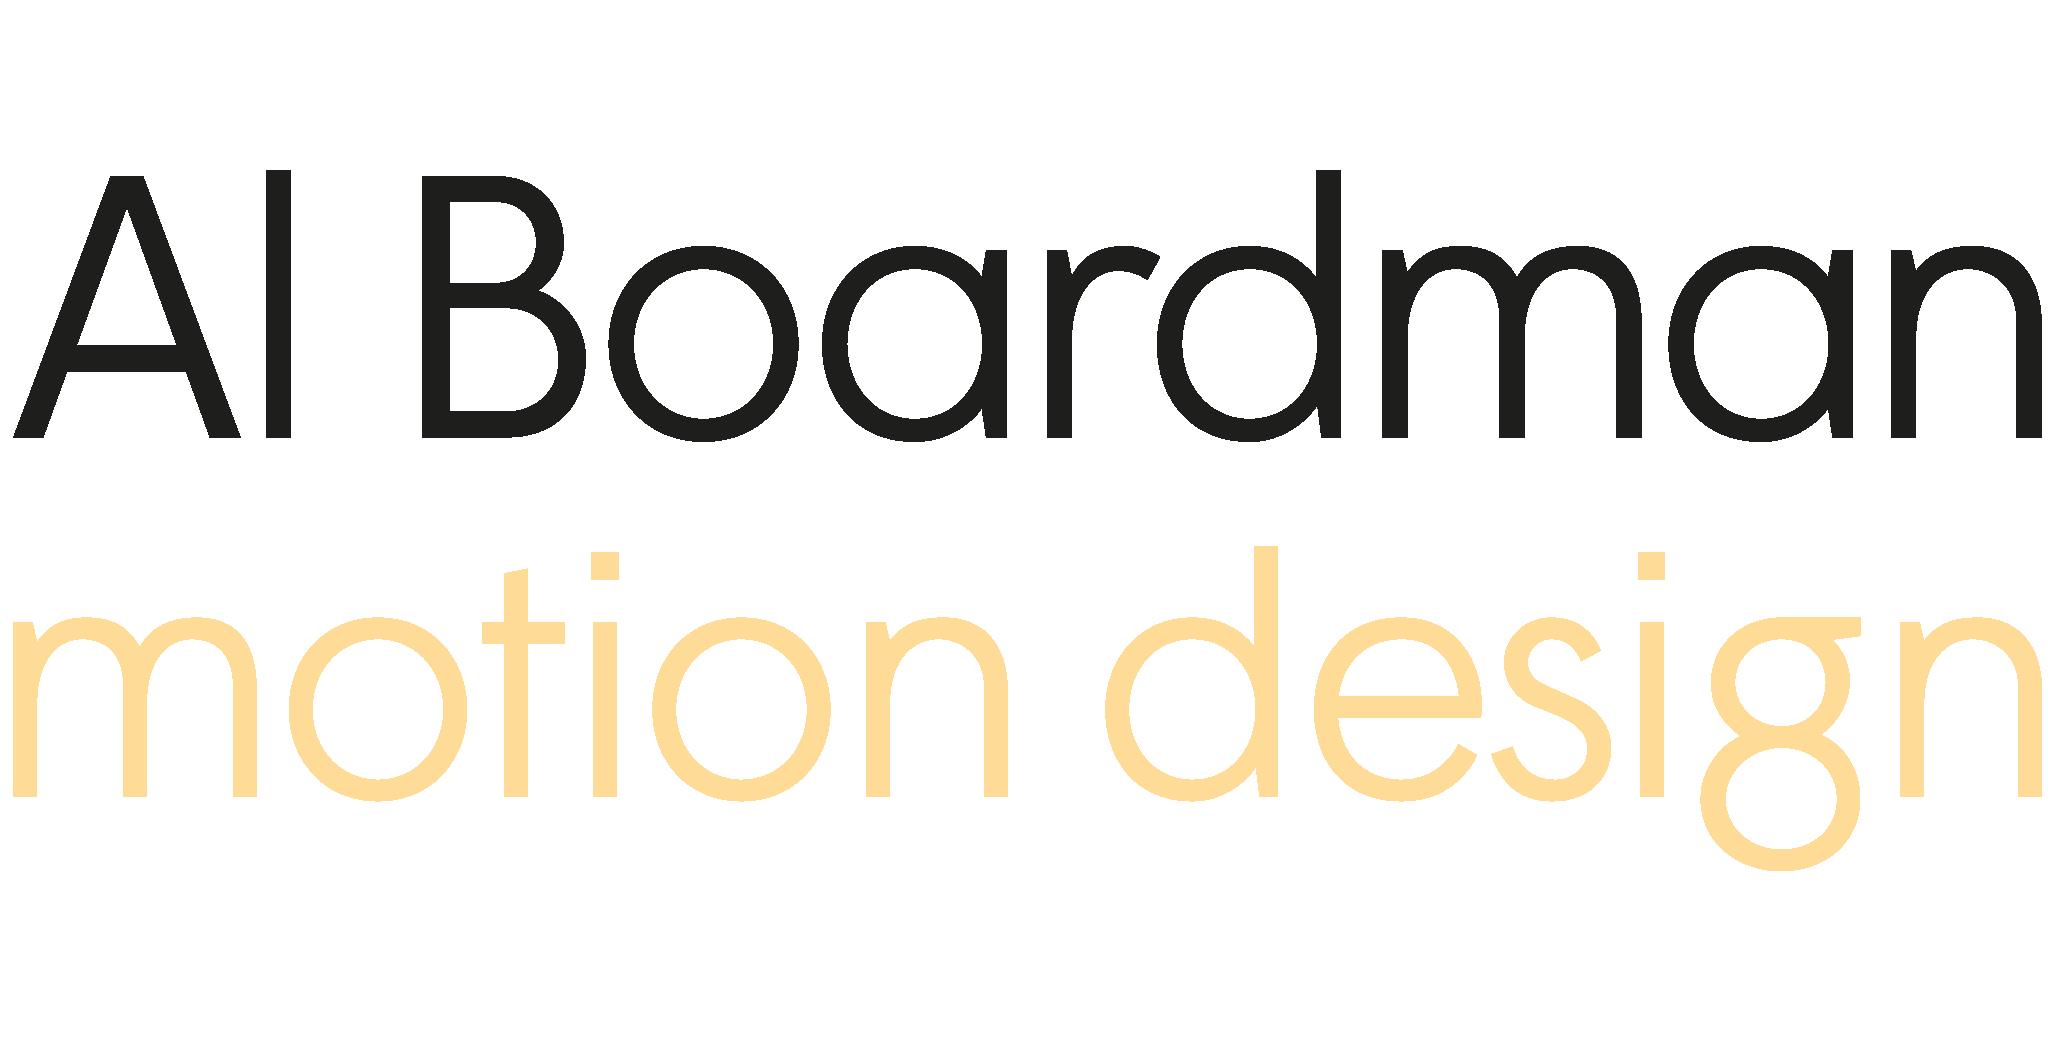 Al Boardman